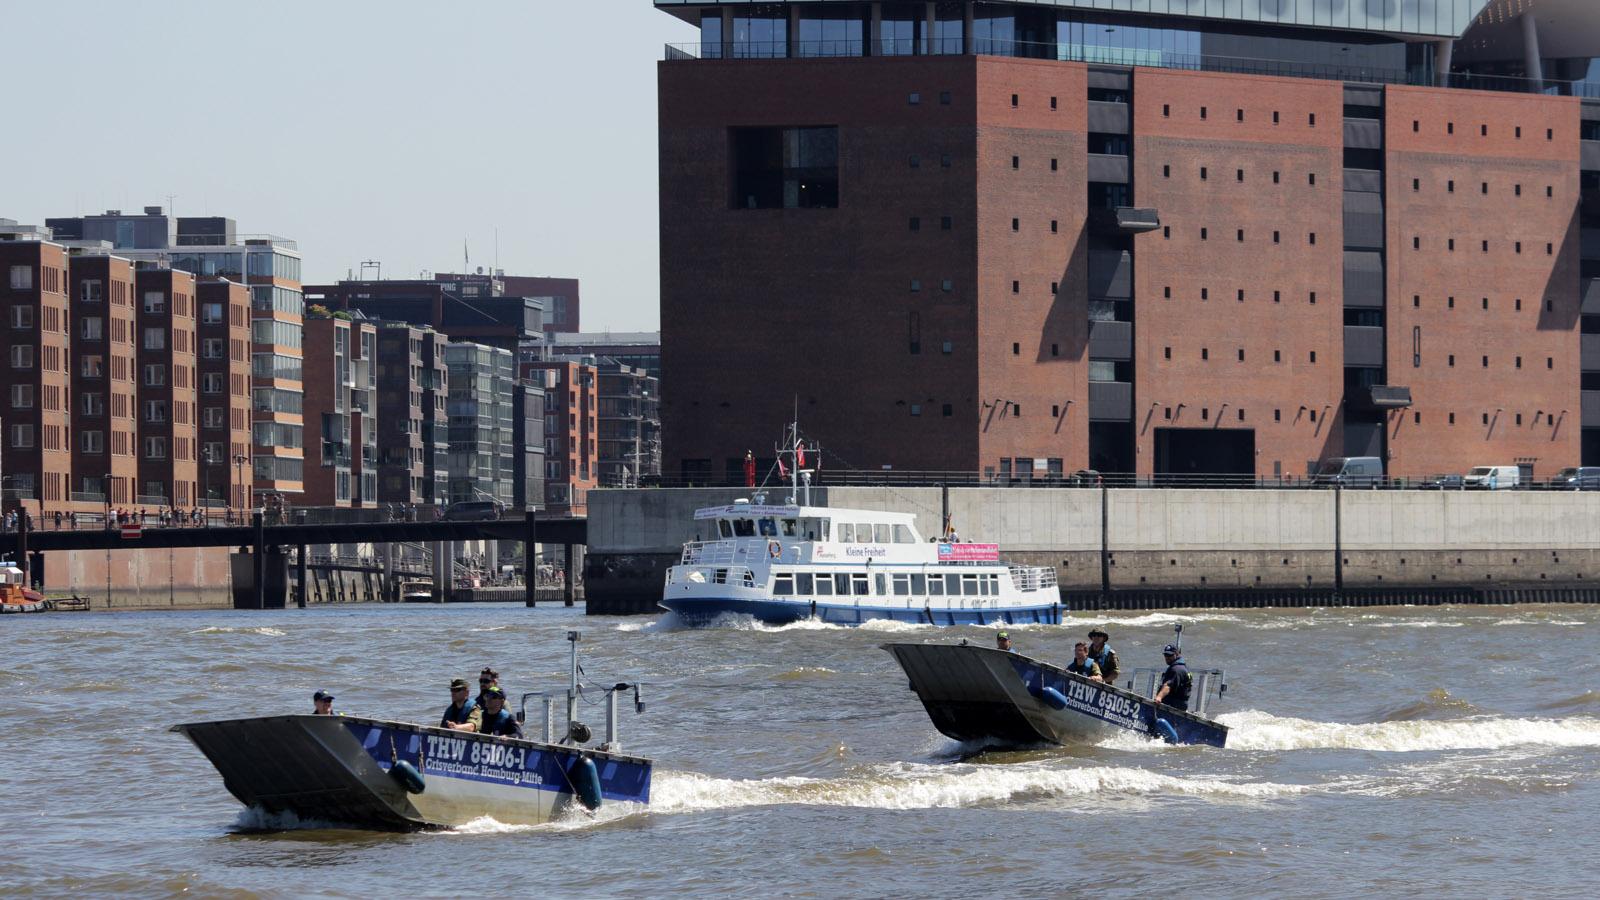 THW-Boote vor der Elbphilharmonie